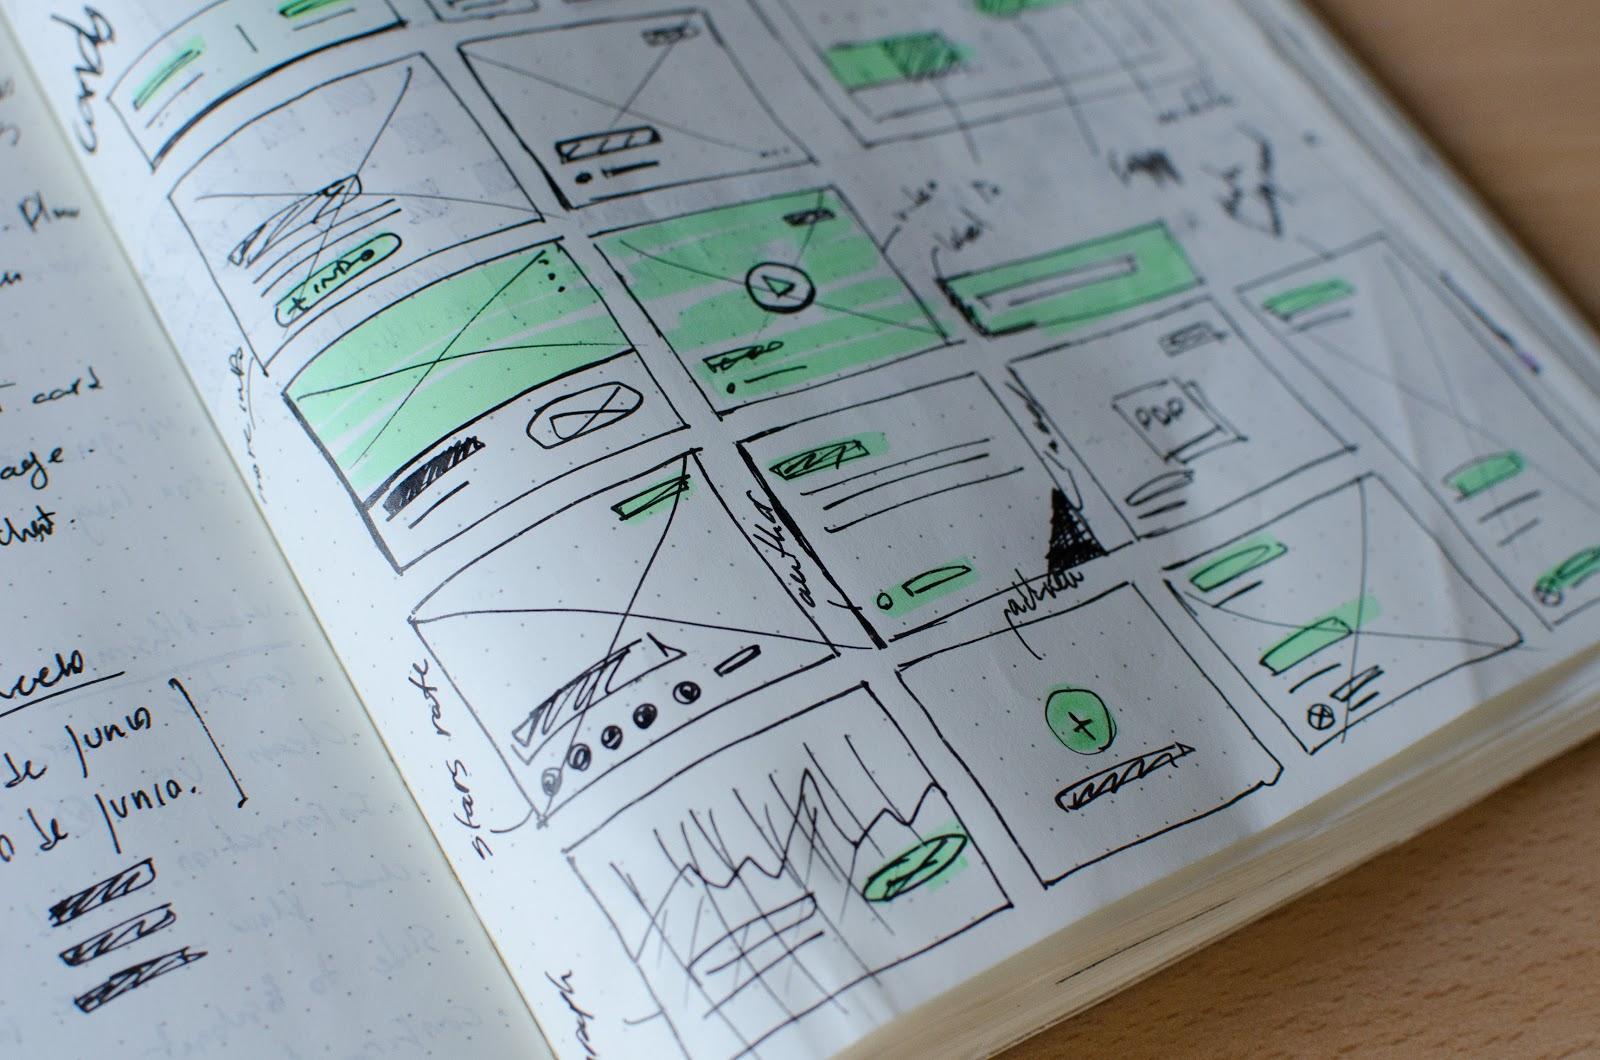 UI/UX planning